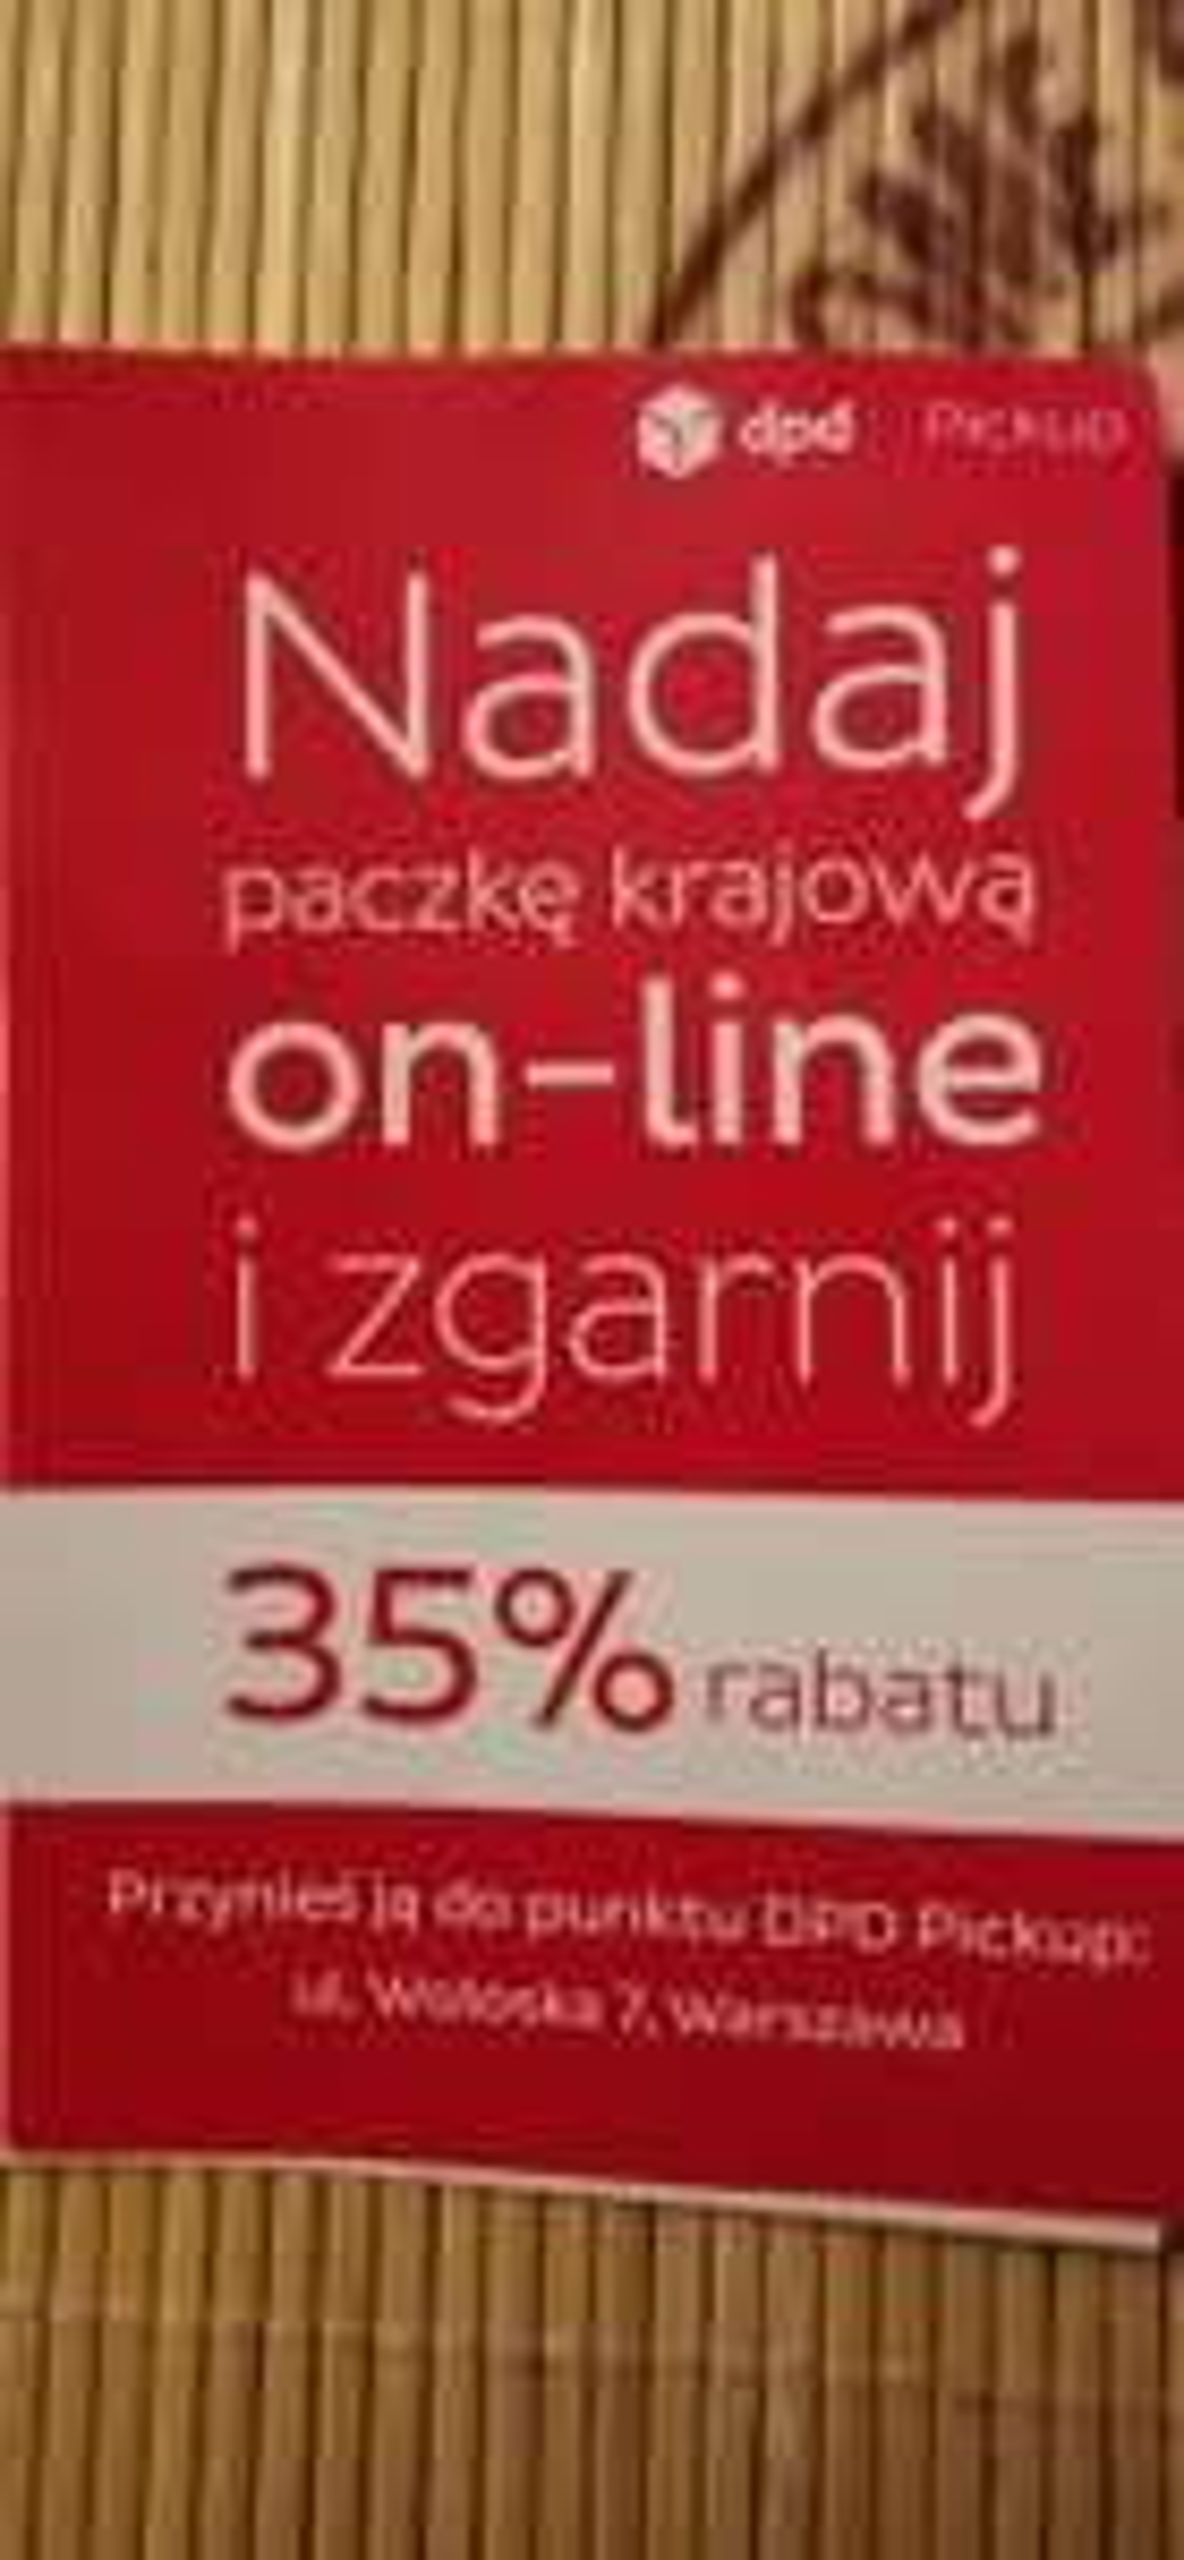 -35% DPD nadania online na wszystkie paczki krajowe